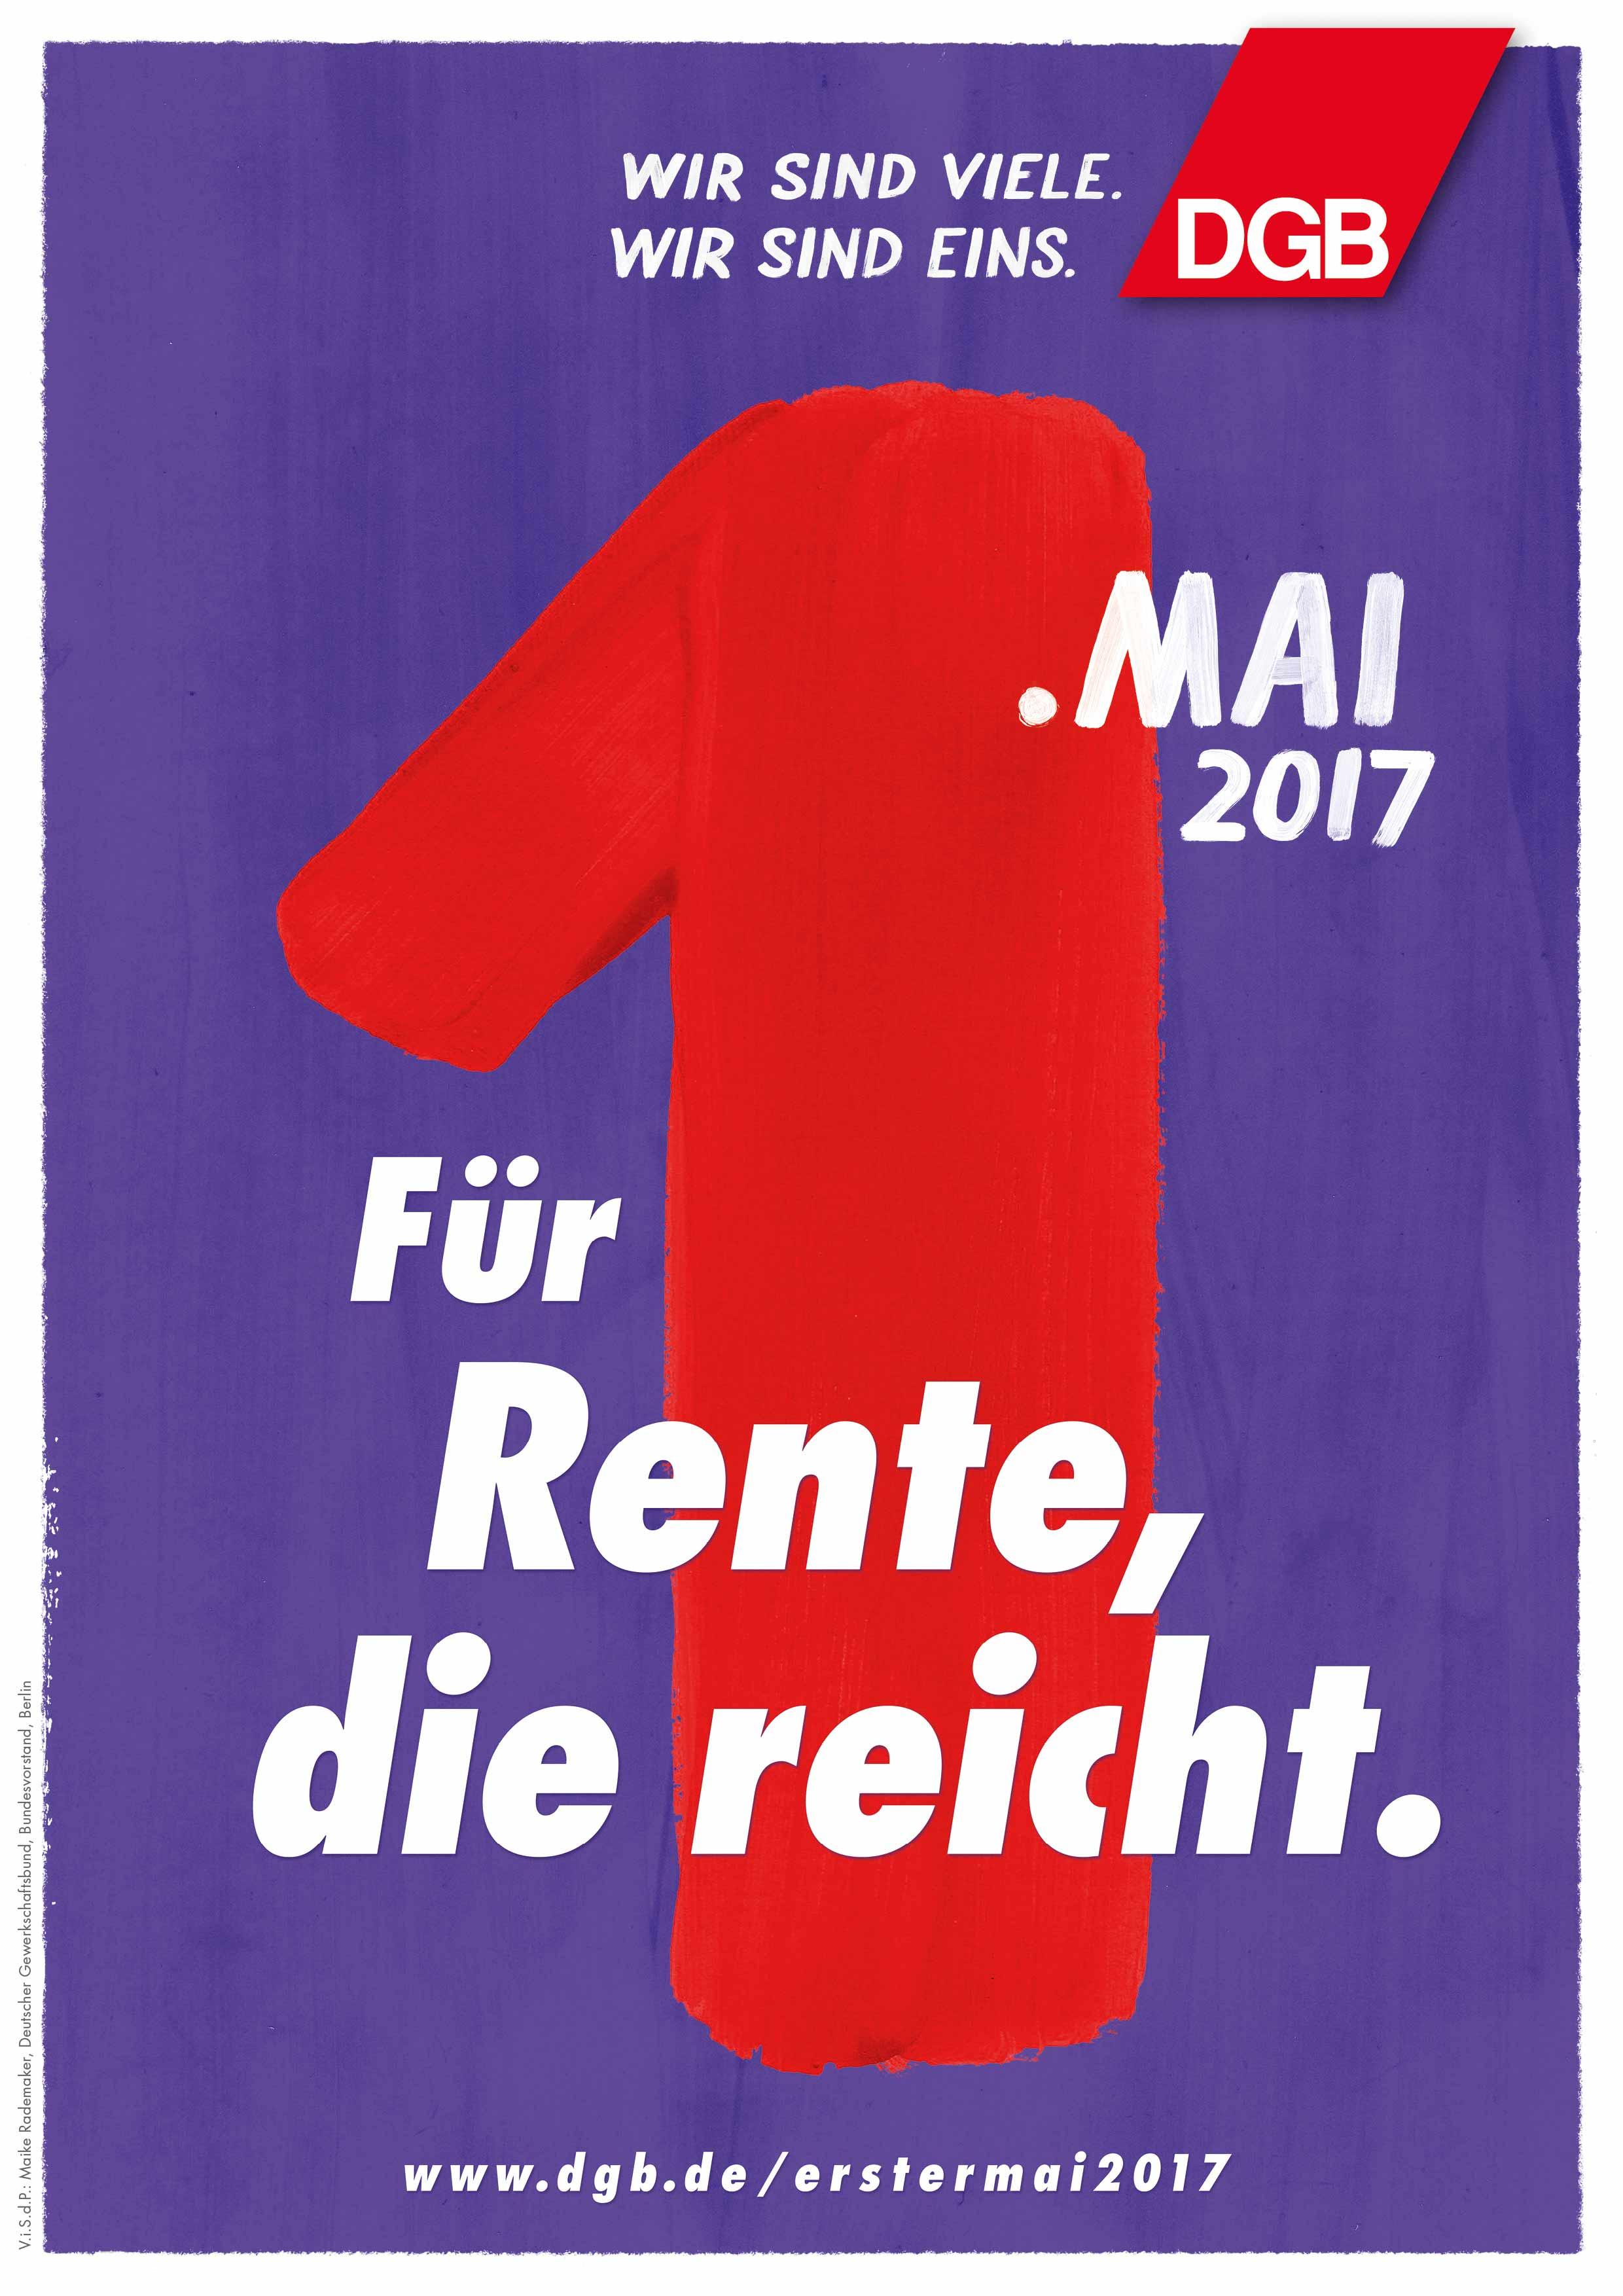 Für Rente, die reicht - DGB 1. Mai 2017